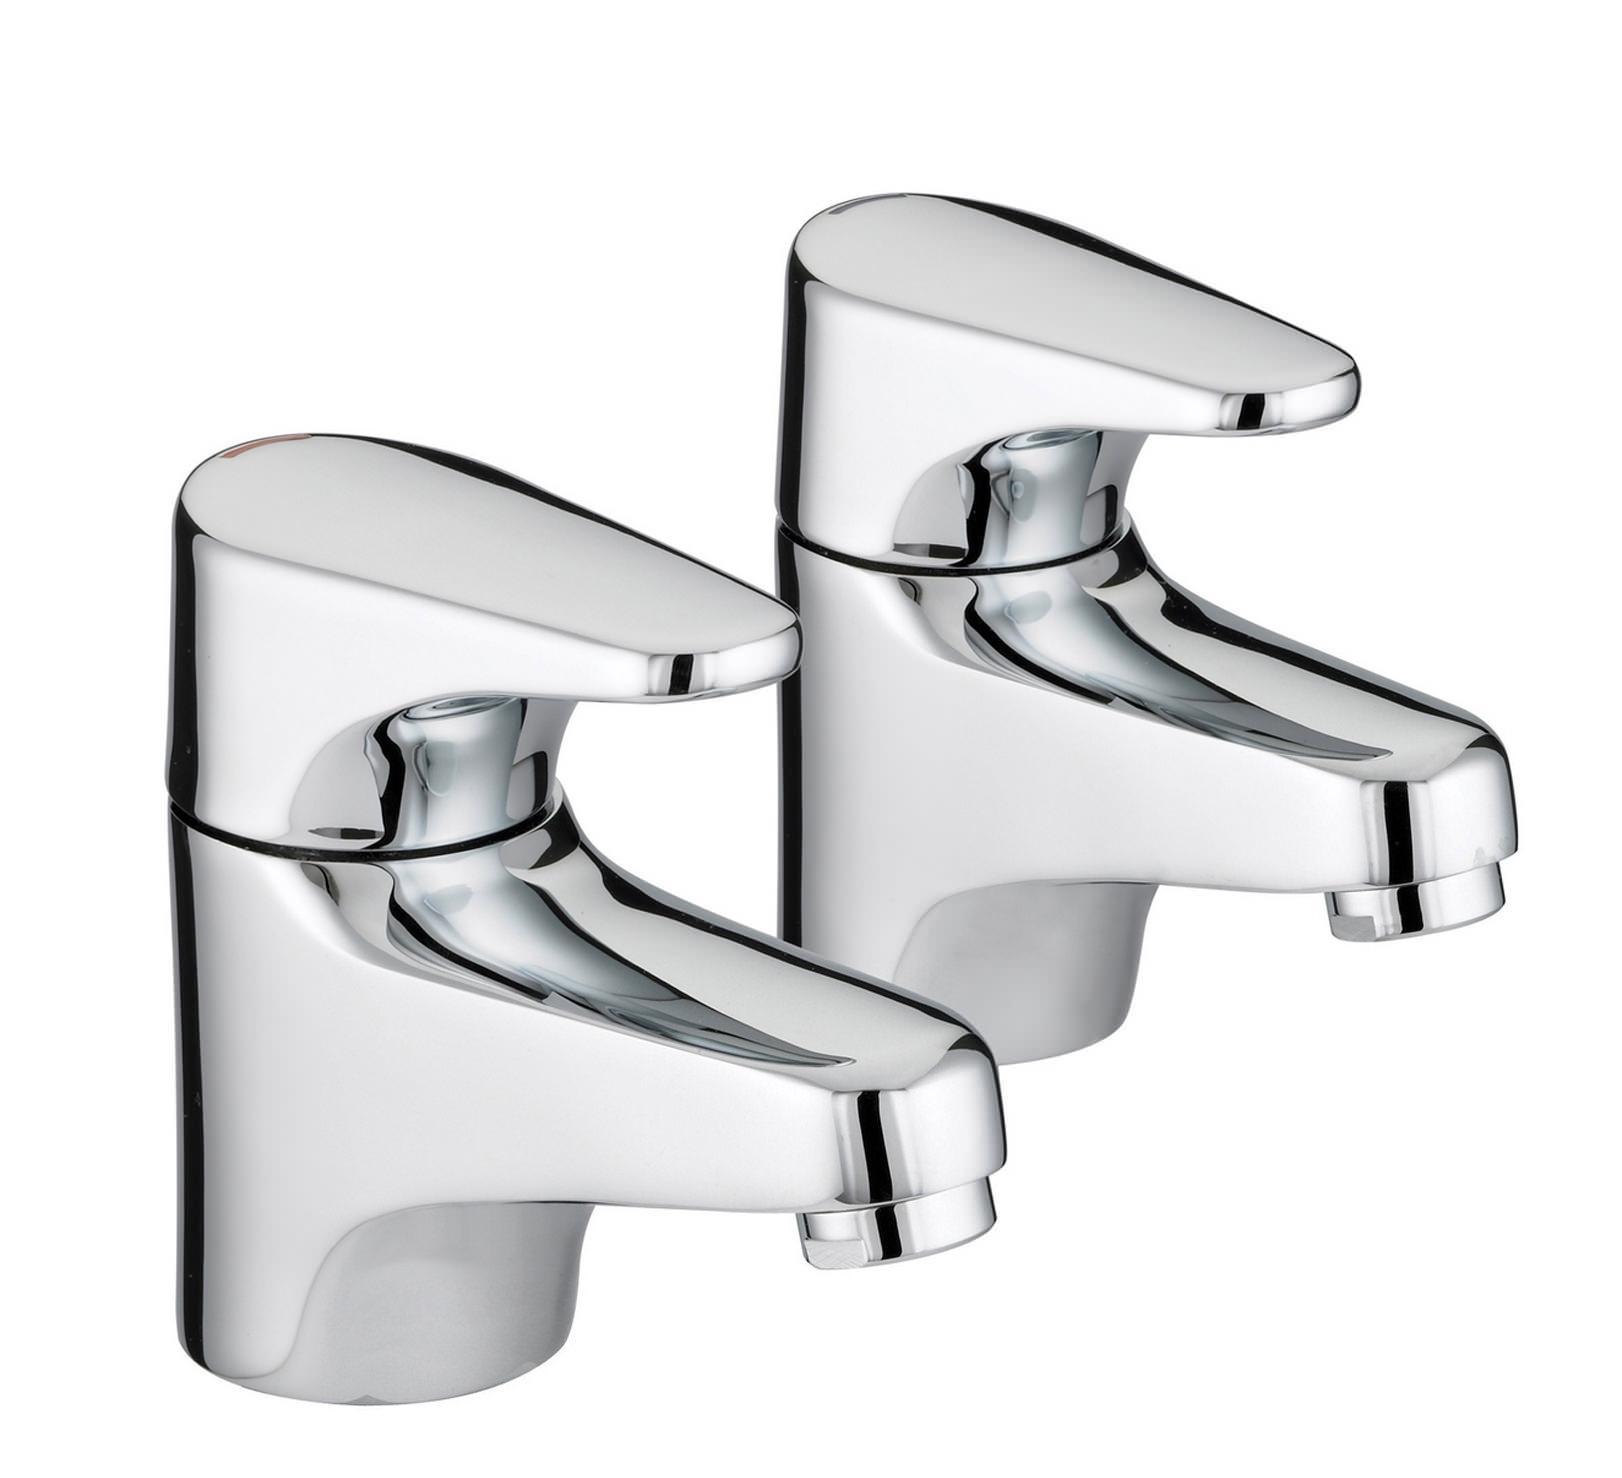 Bristan Jute Bath Taps - JU 3-4 C